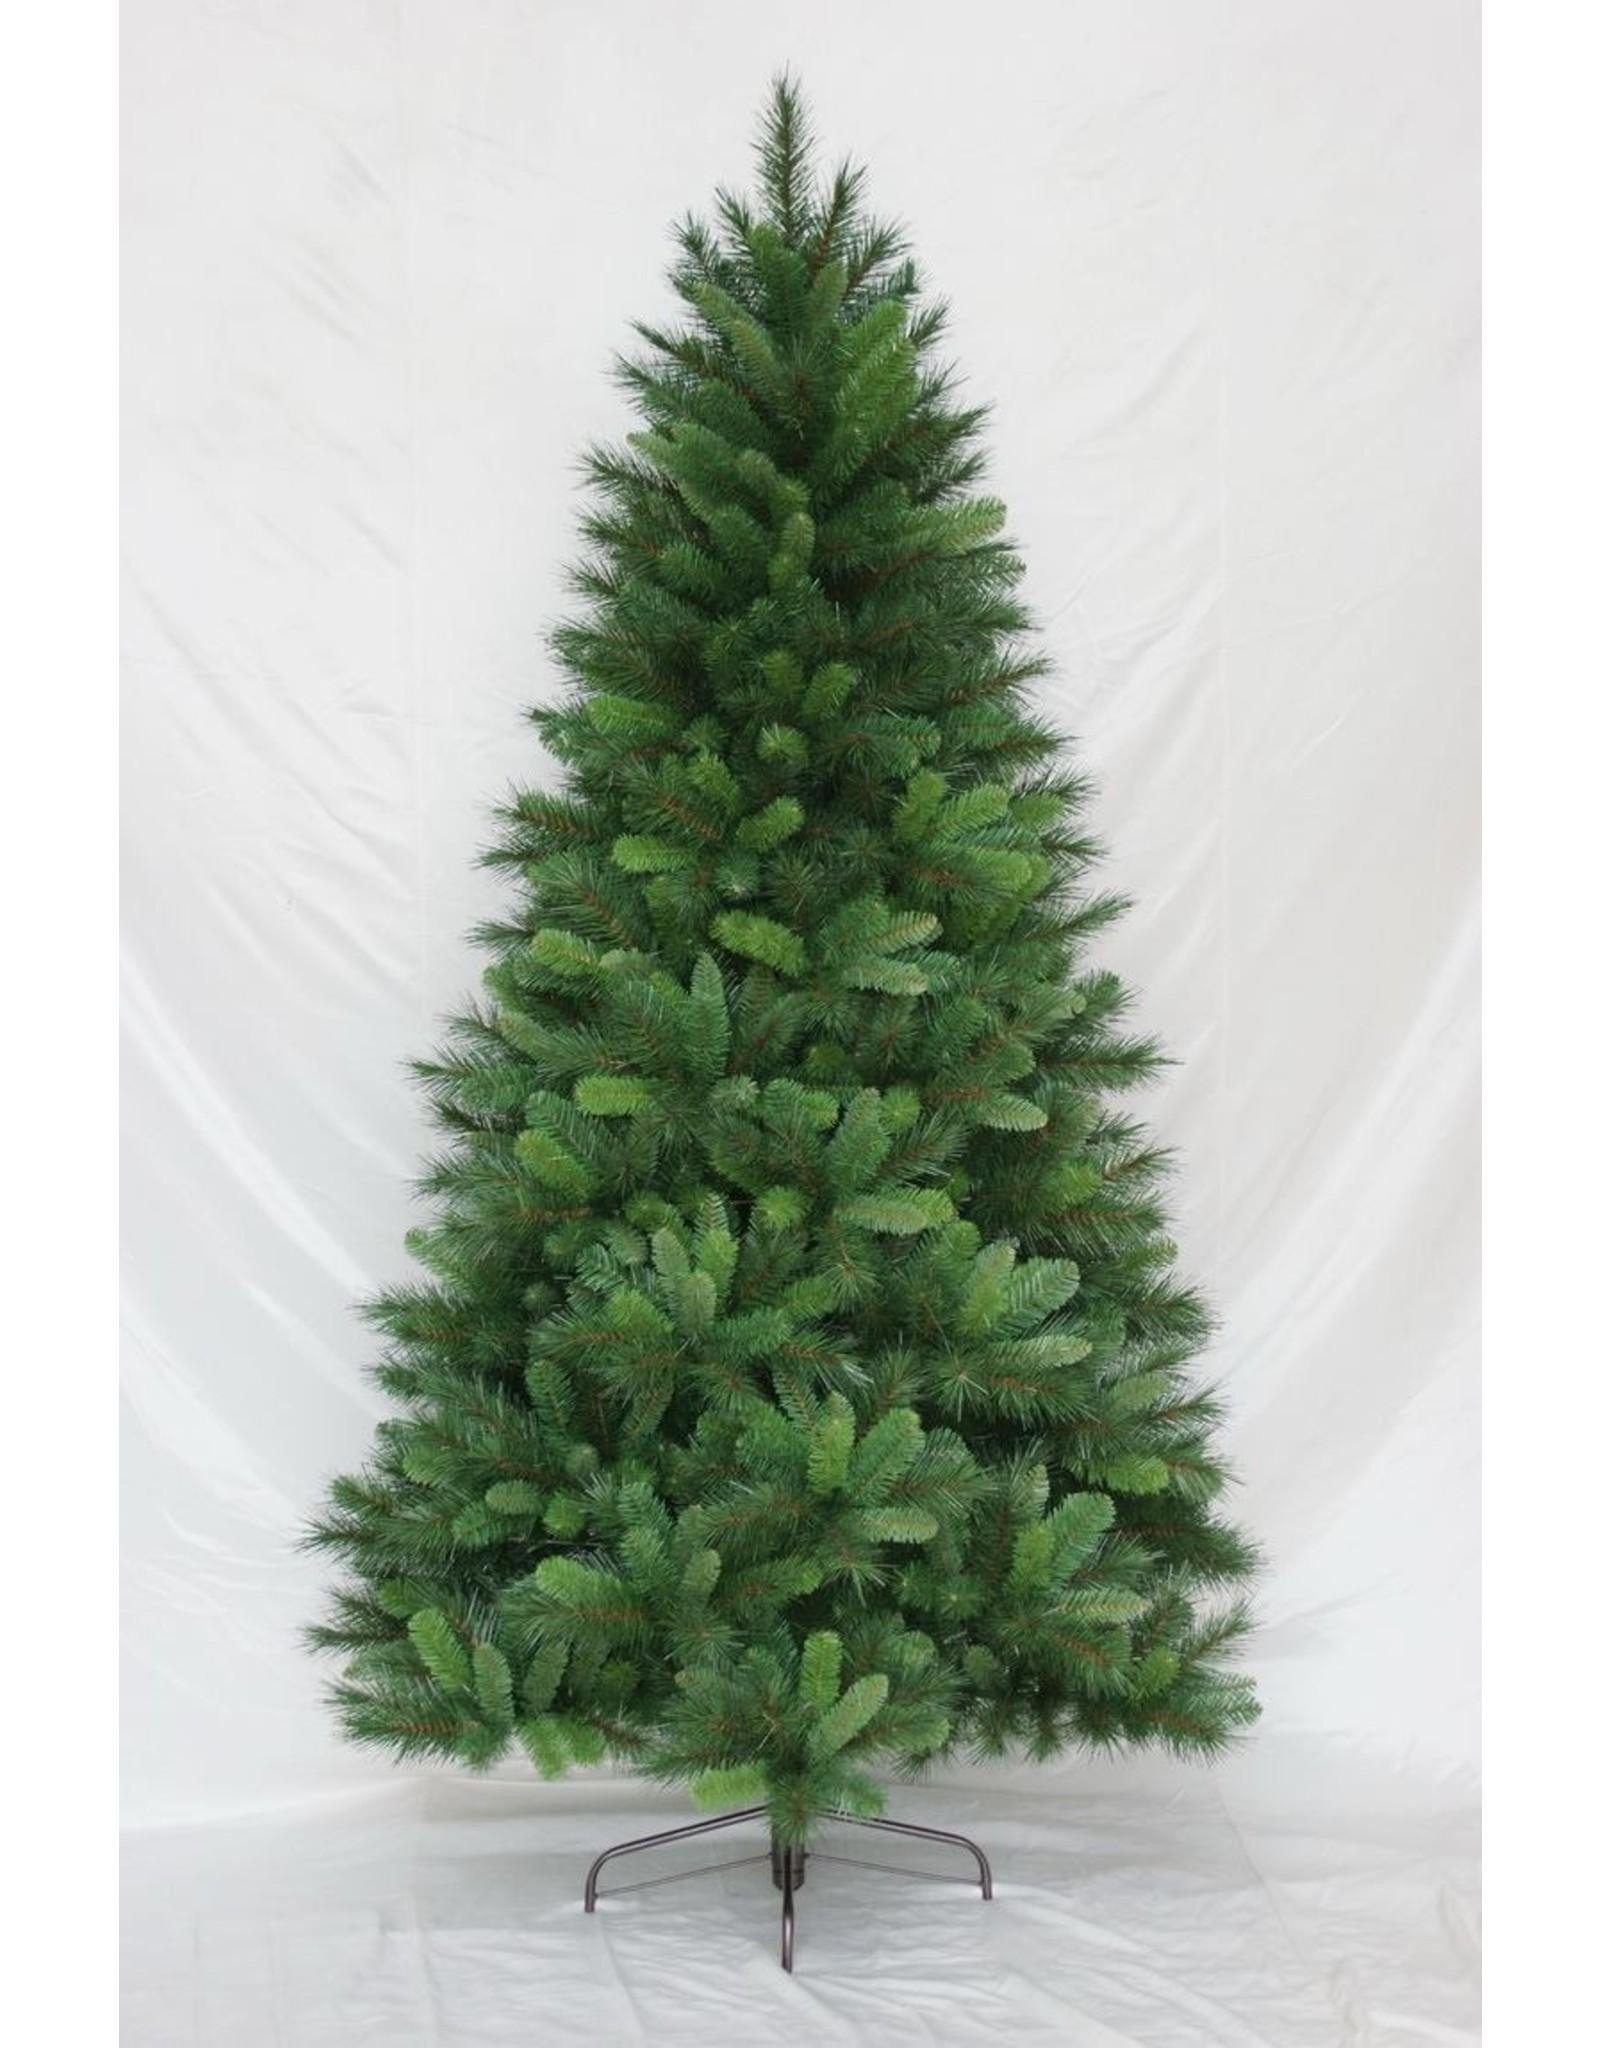 Christmas Tree (Siempre Verde) 6 ft C359520